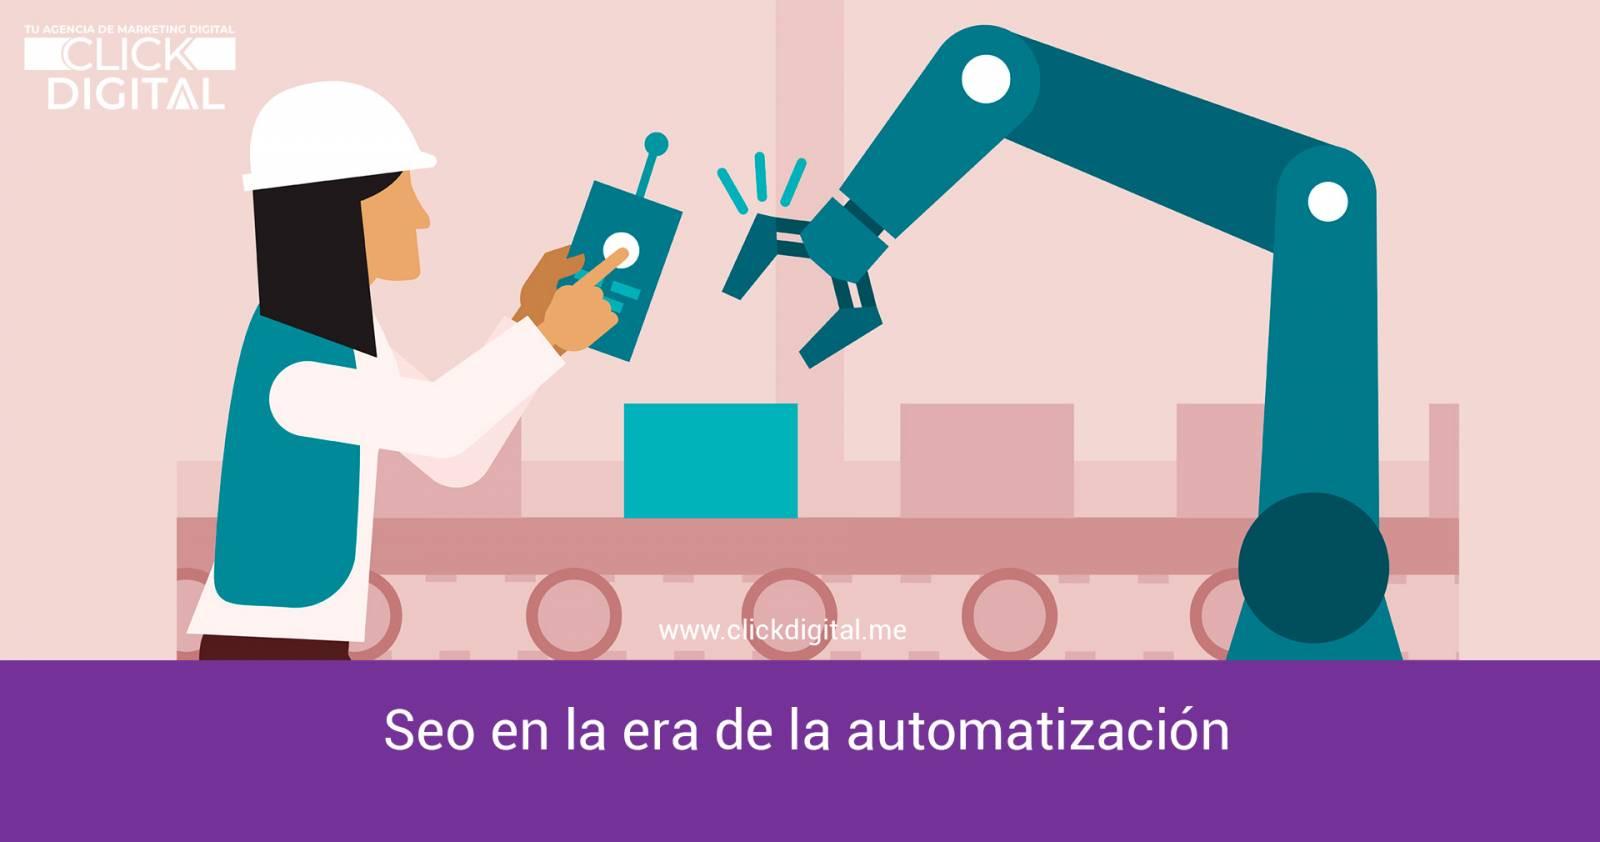 Seo-en-la-era-de-la-automatización